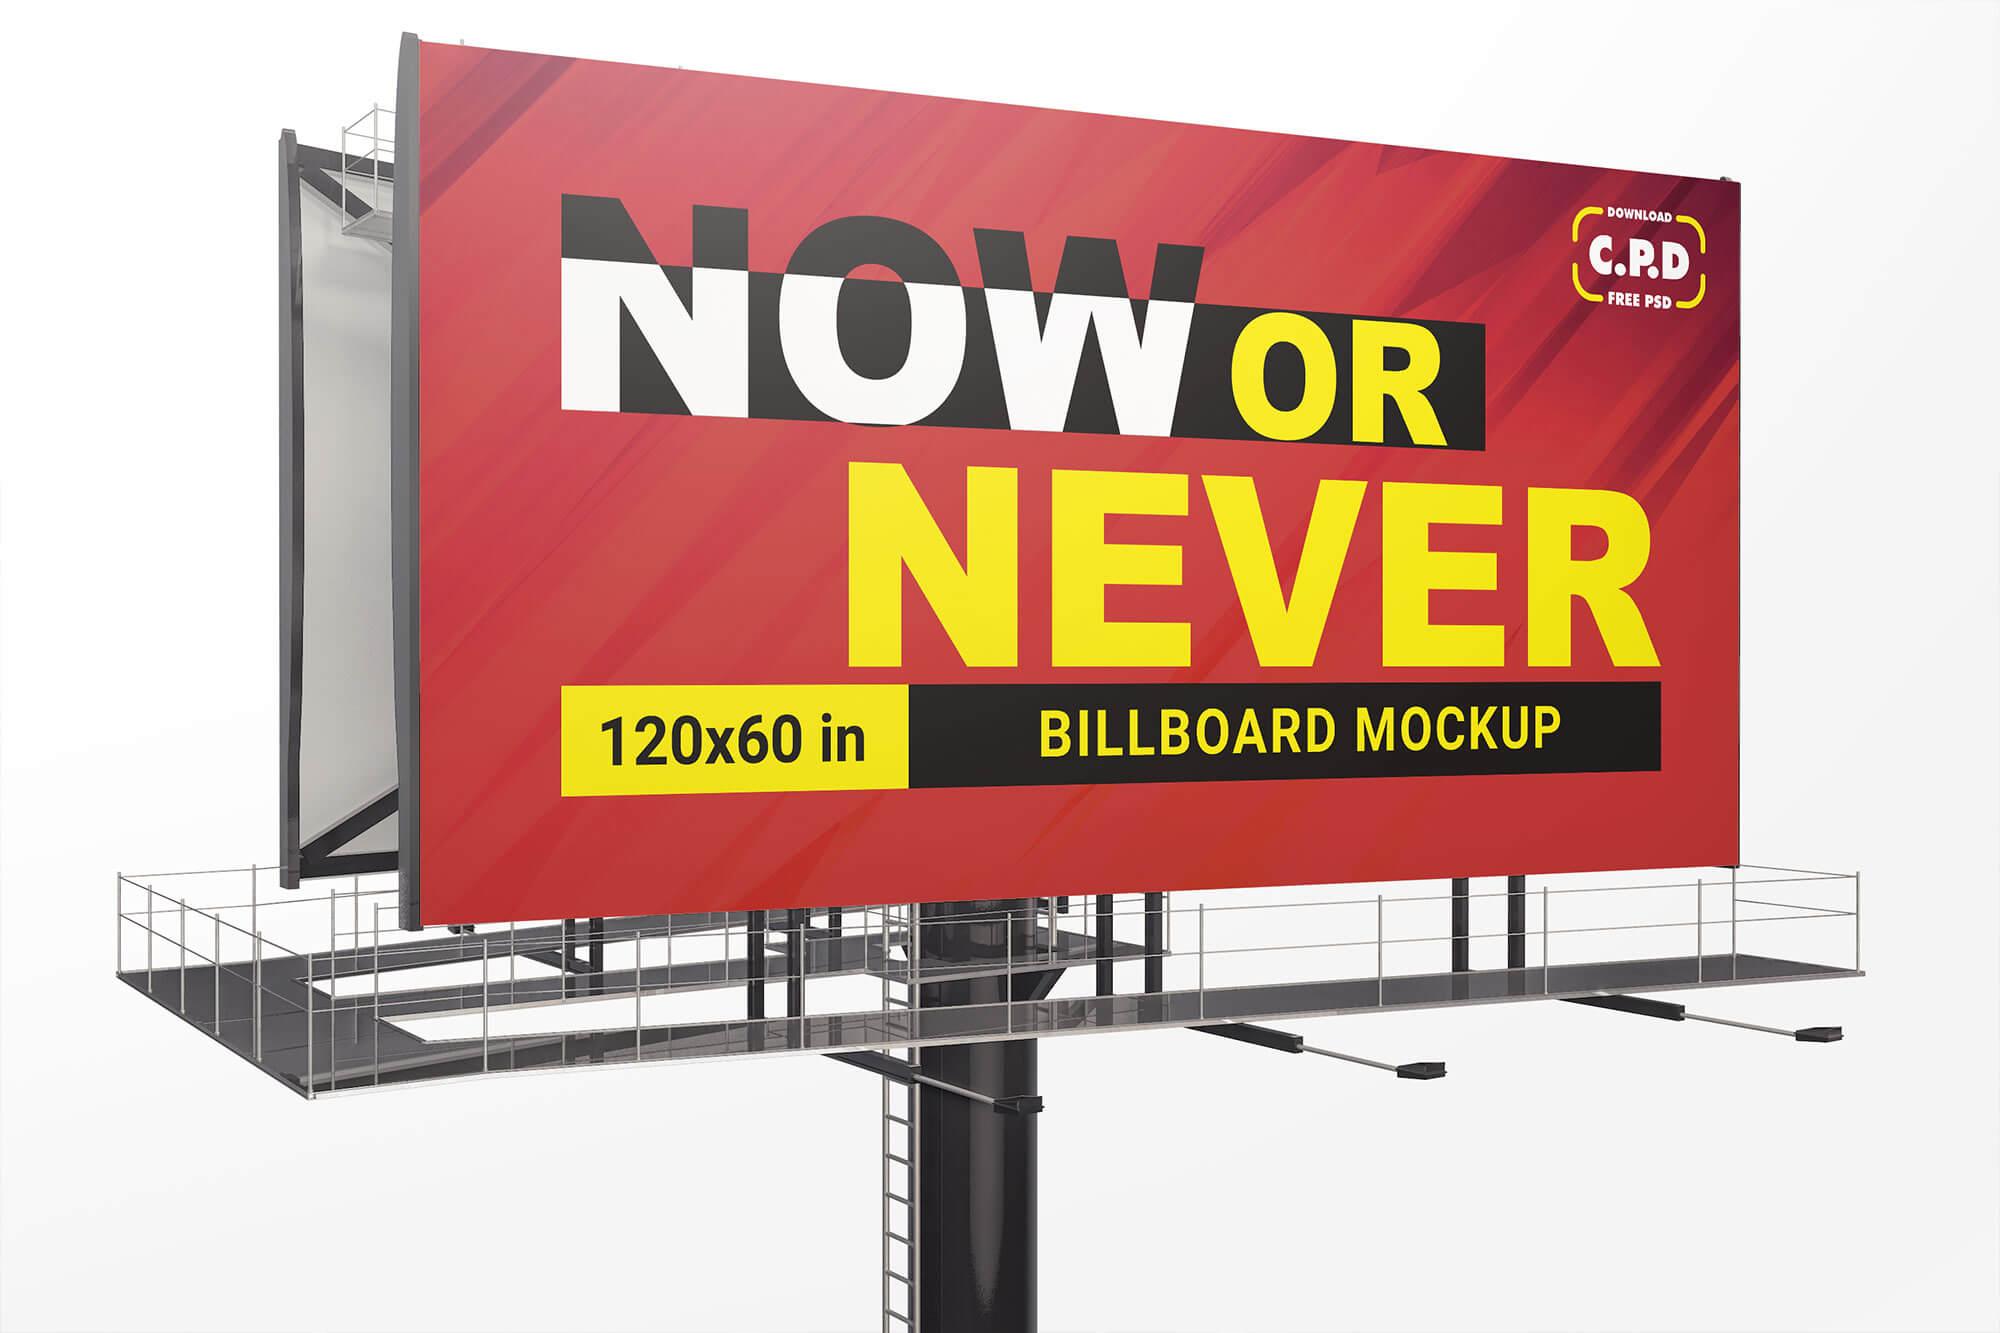 Billboard Mockup Psd, Holding mockup psd, big banner psd, banner design, banner mockup